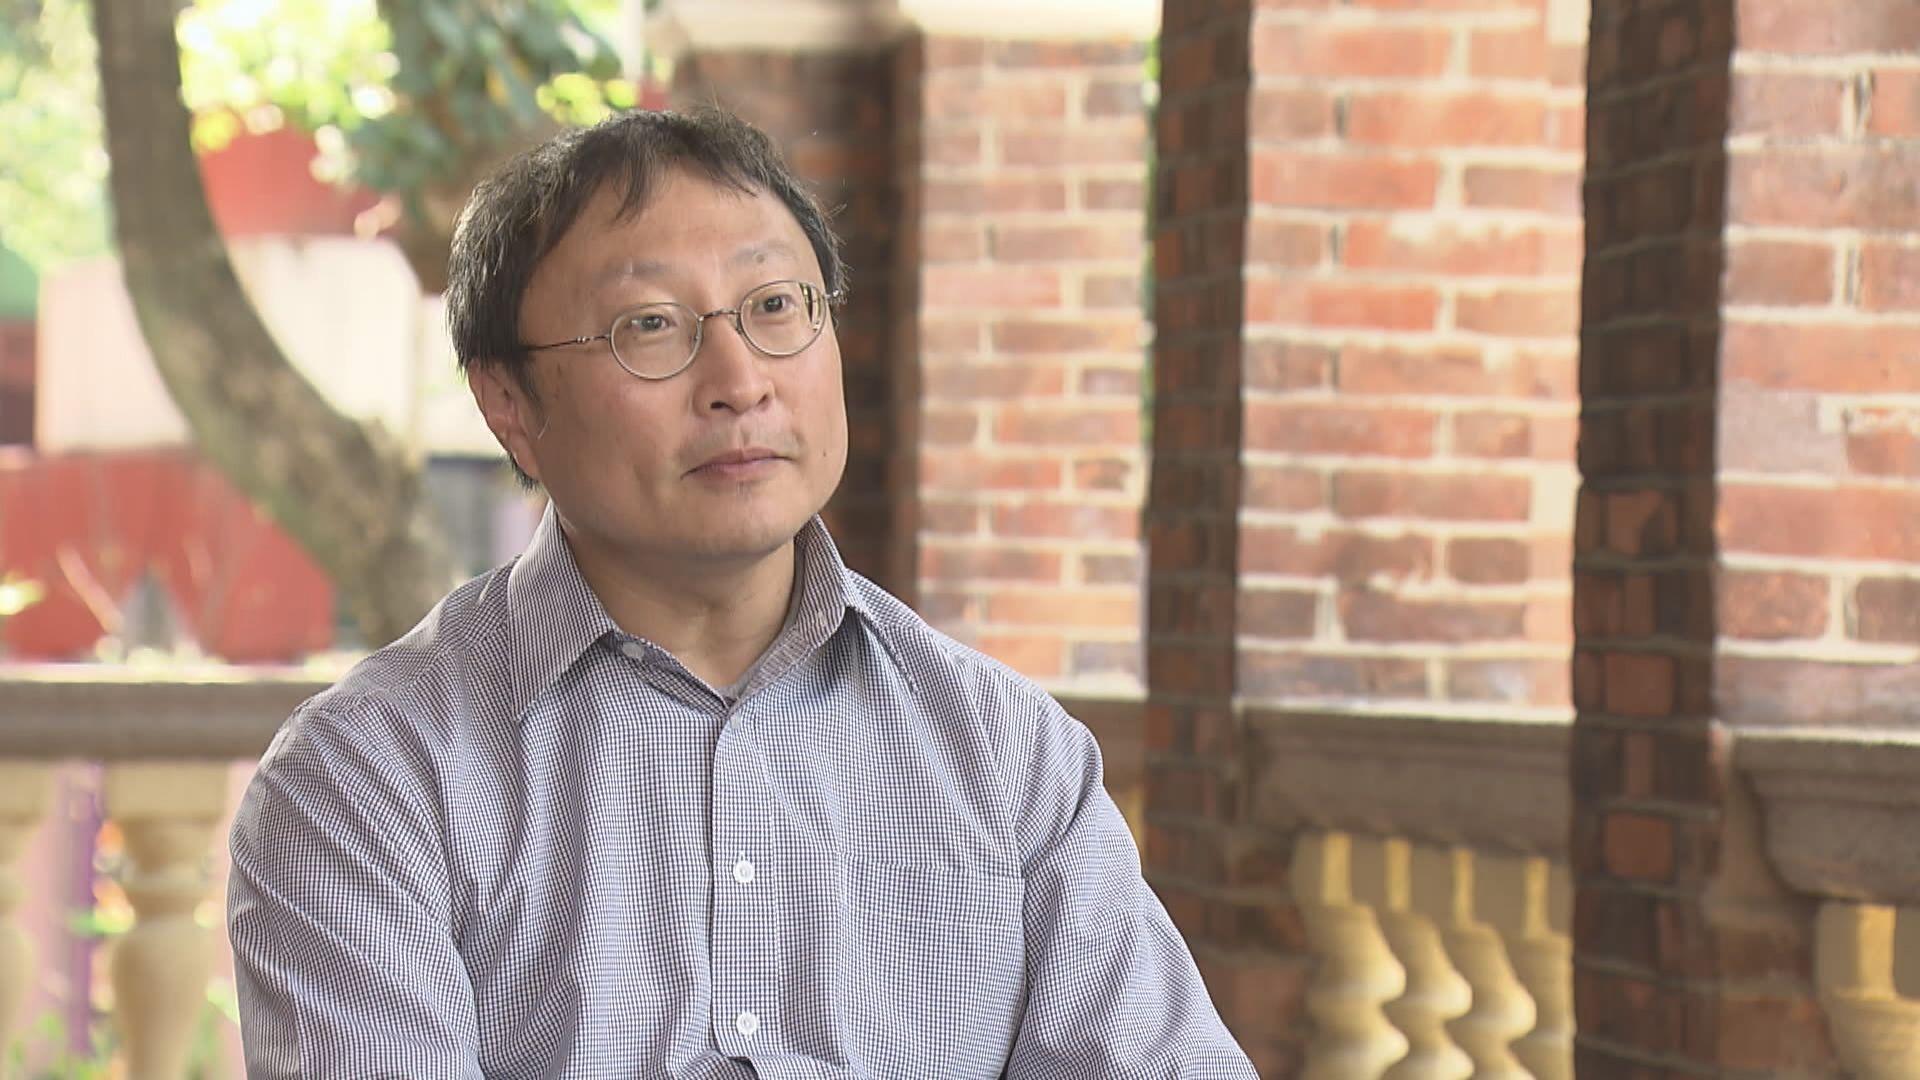 曾浩輝:未收到科興疫苗數據 會留意其他選擇如國藥